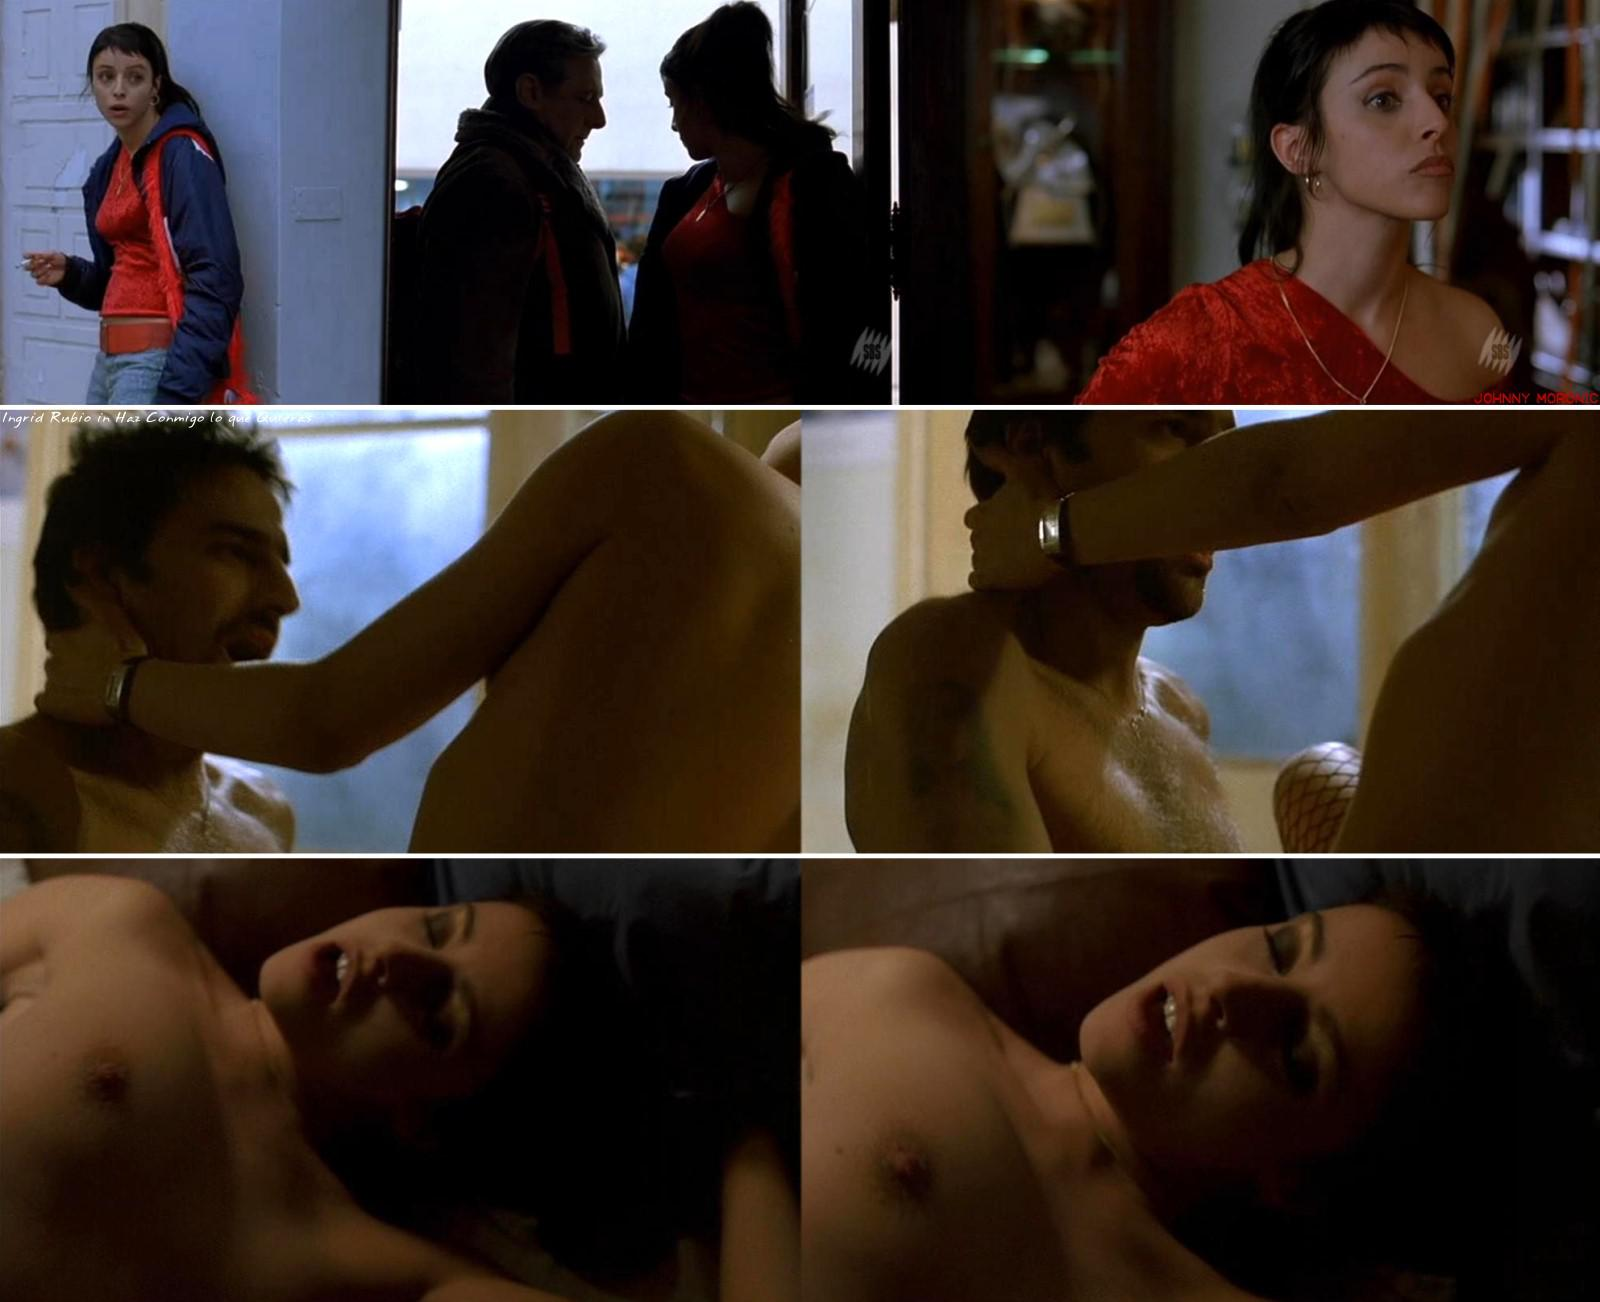 ingrid-torrance-nude-full-sex